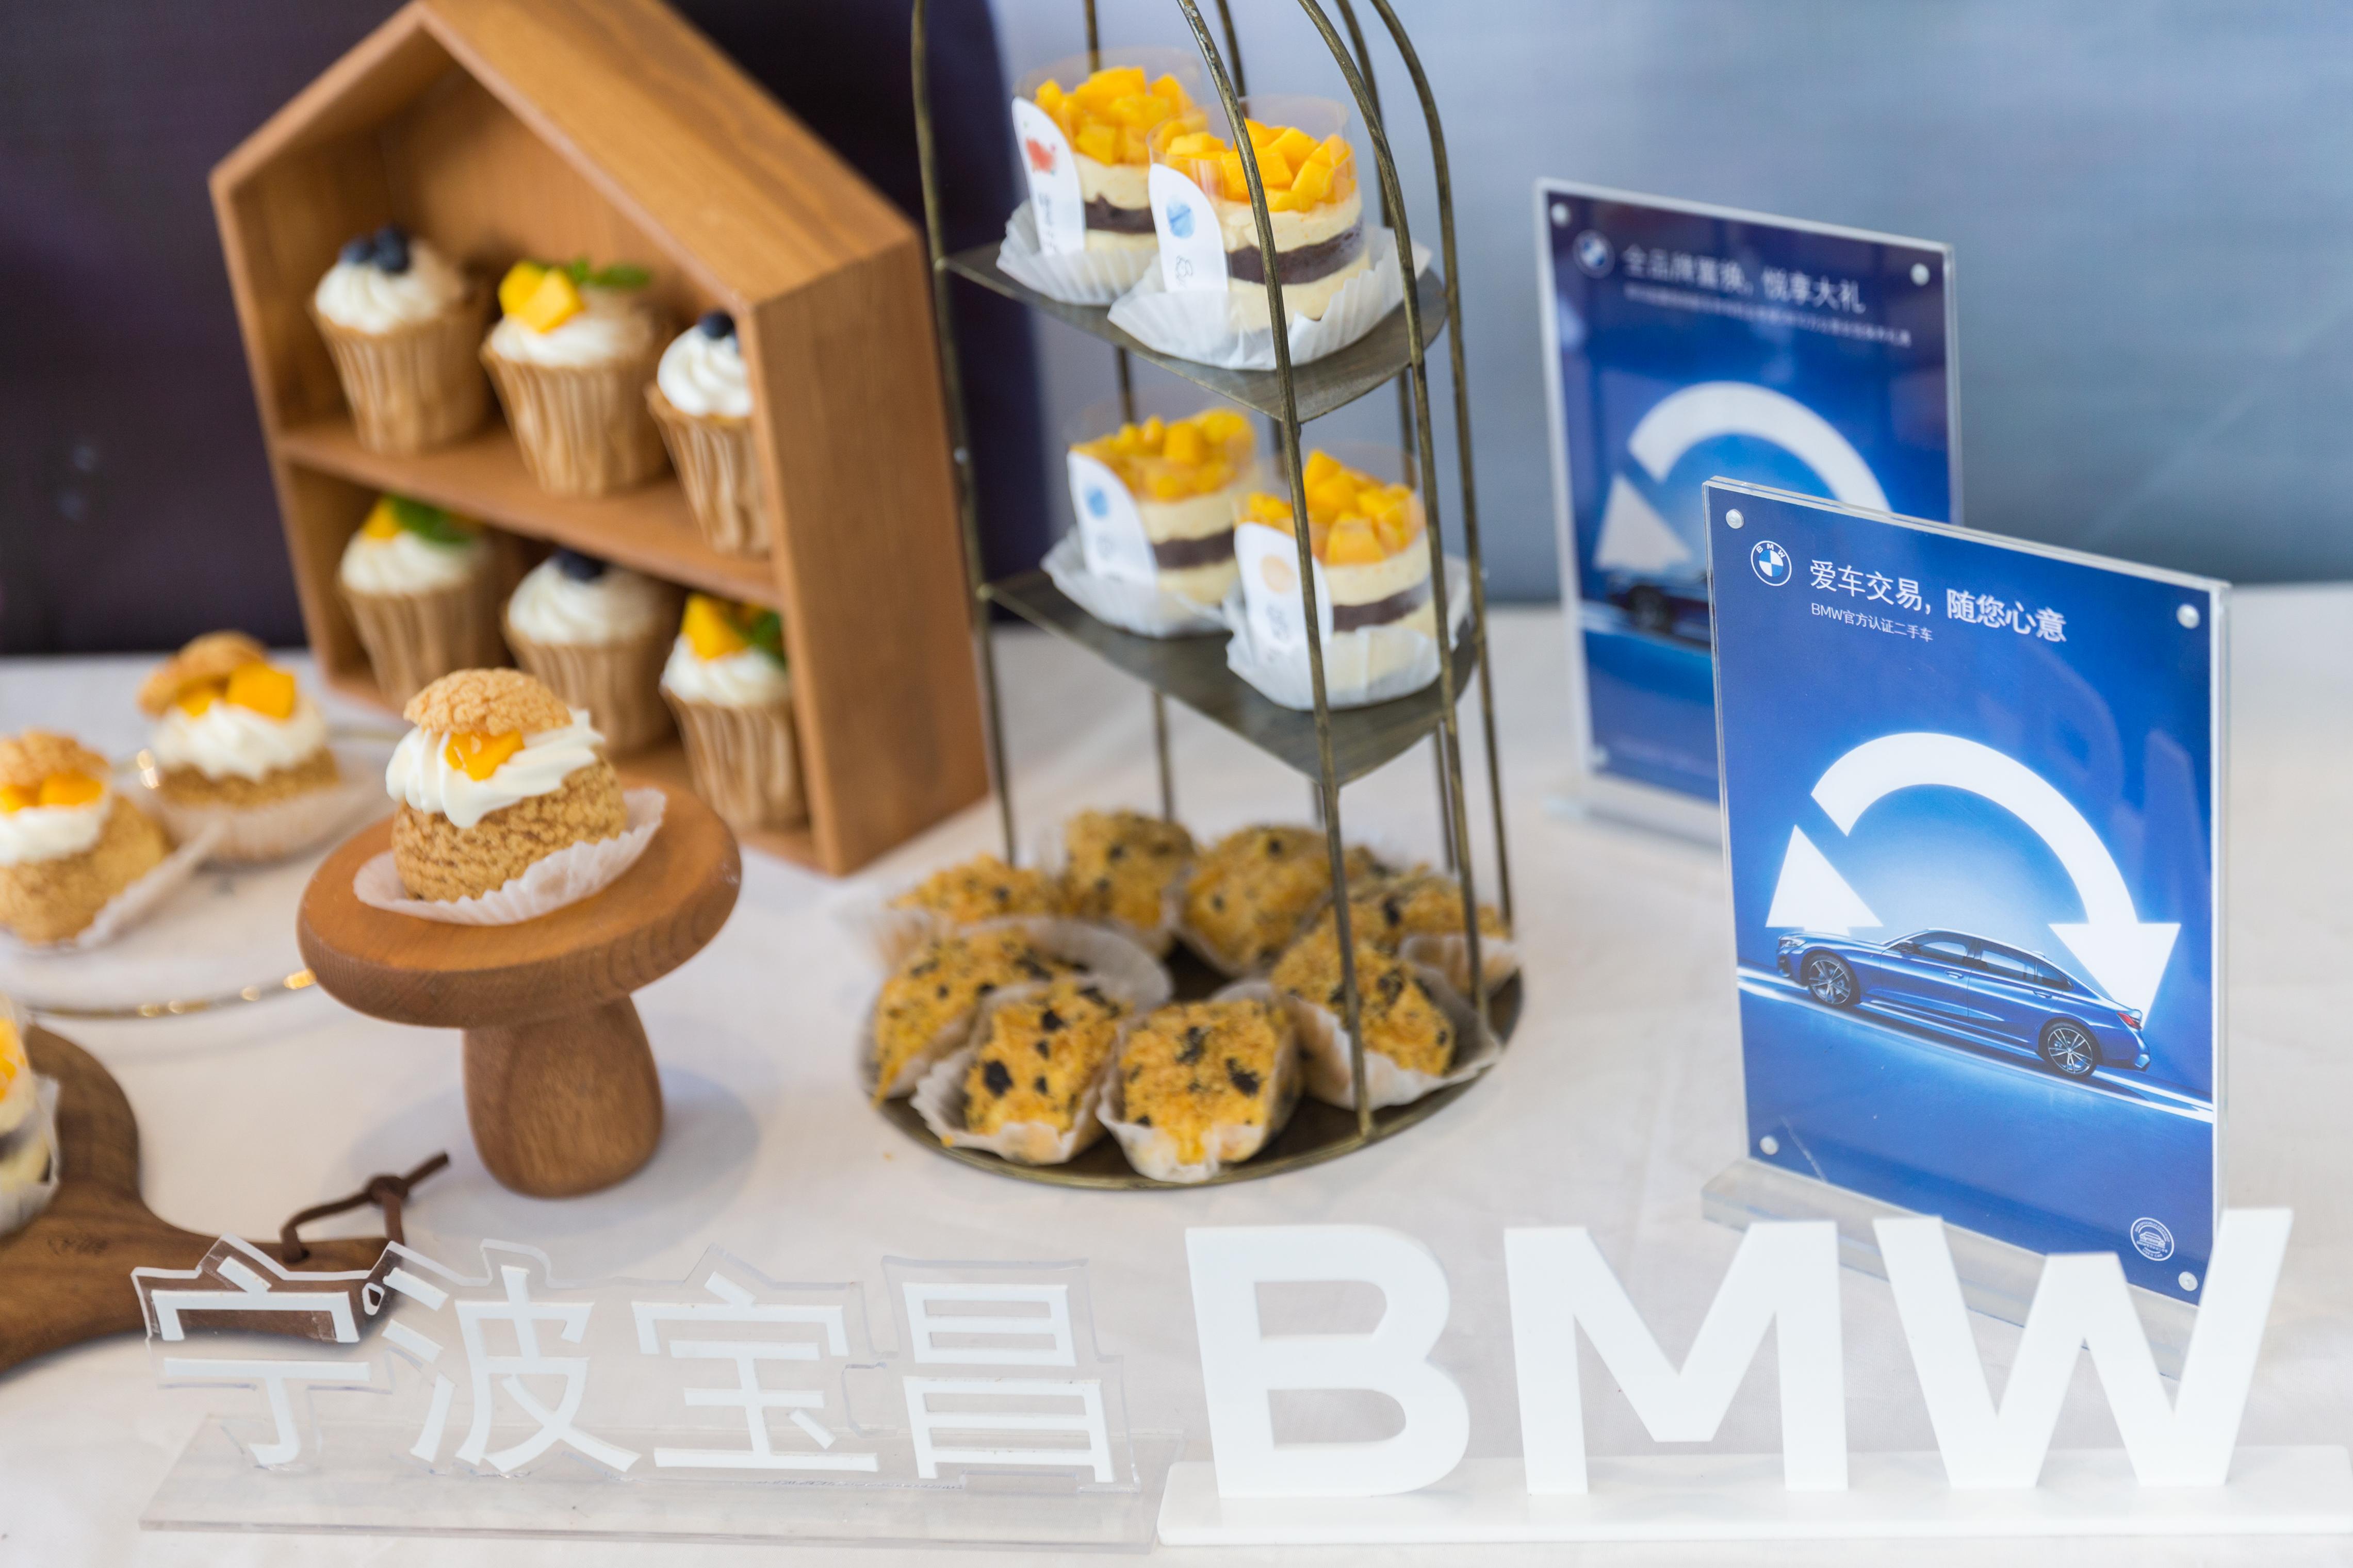 宁波宝昌2021 BMW官方认证二手车节圆满收官